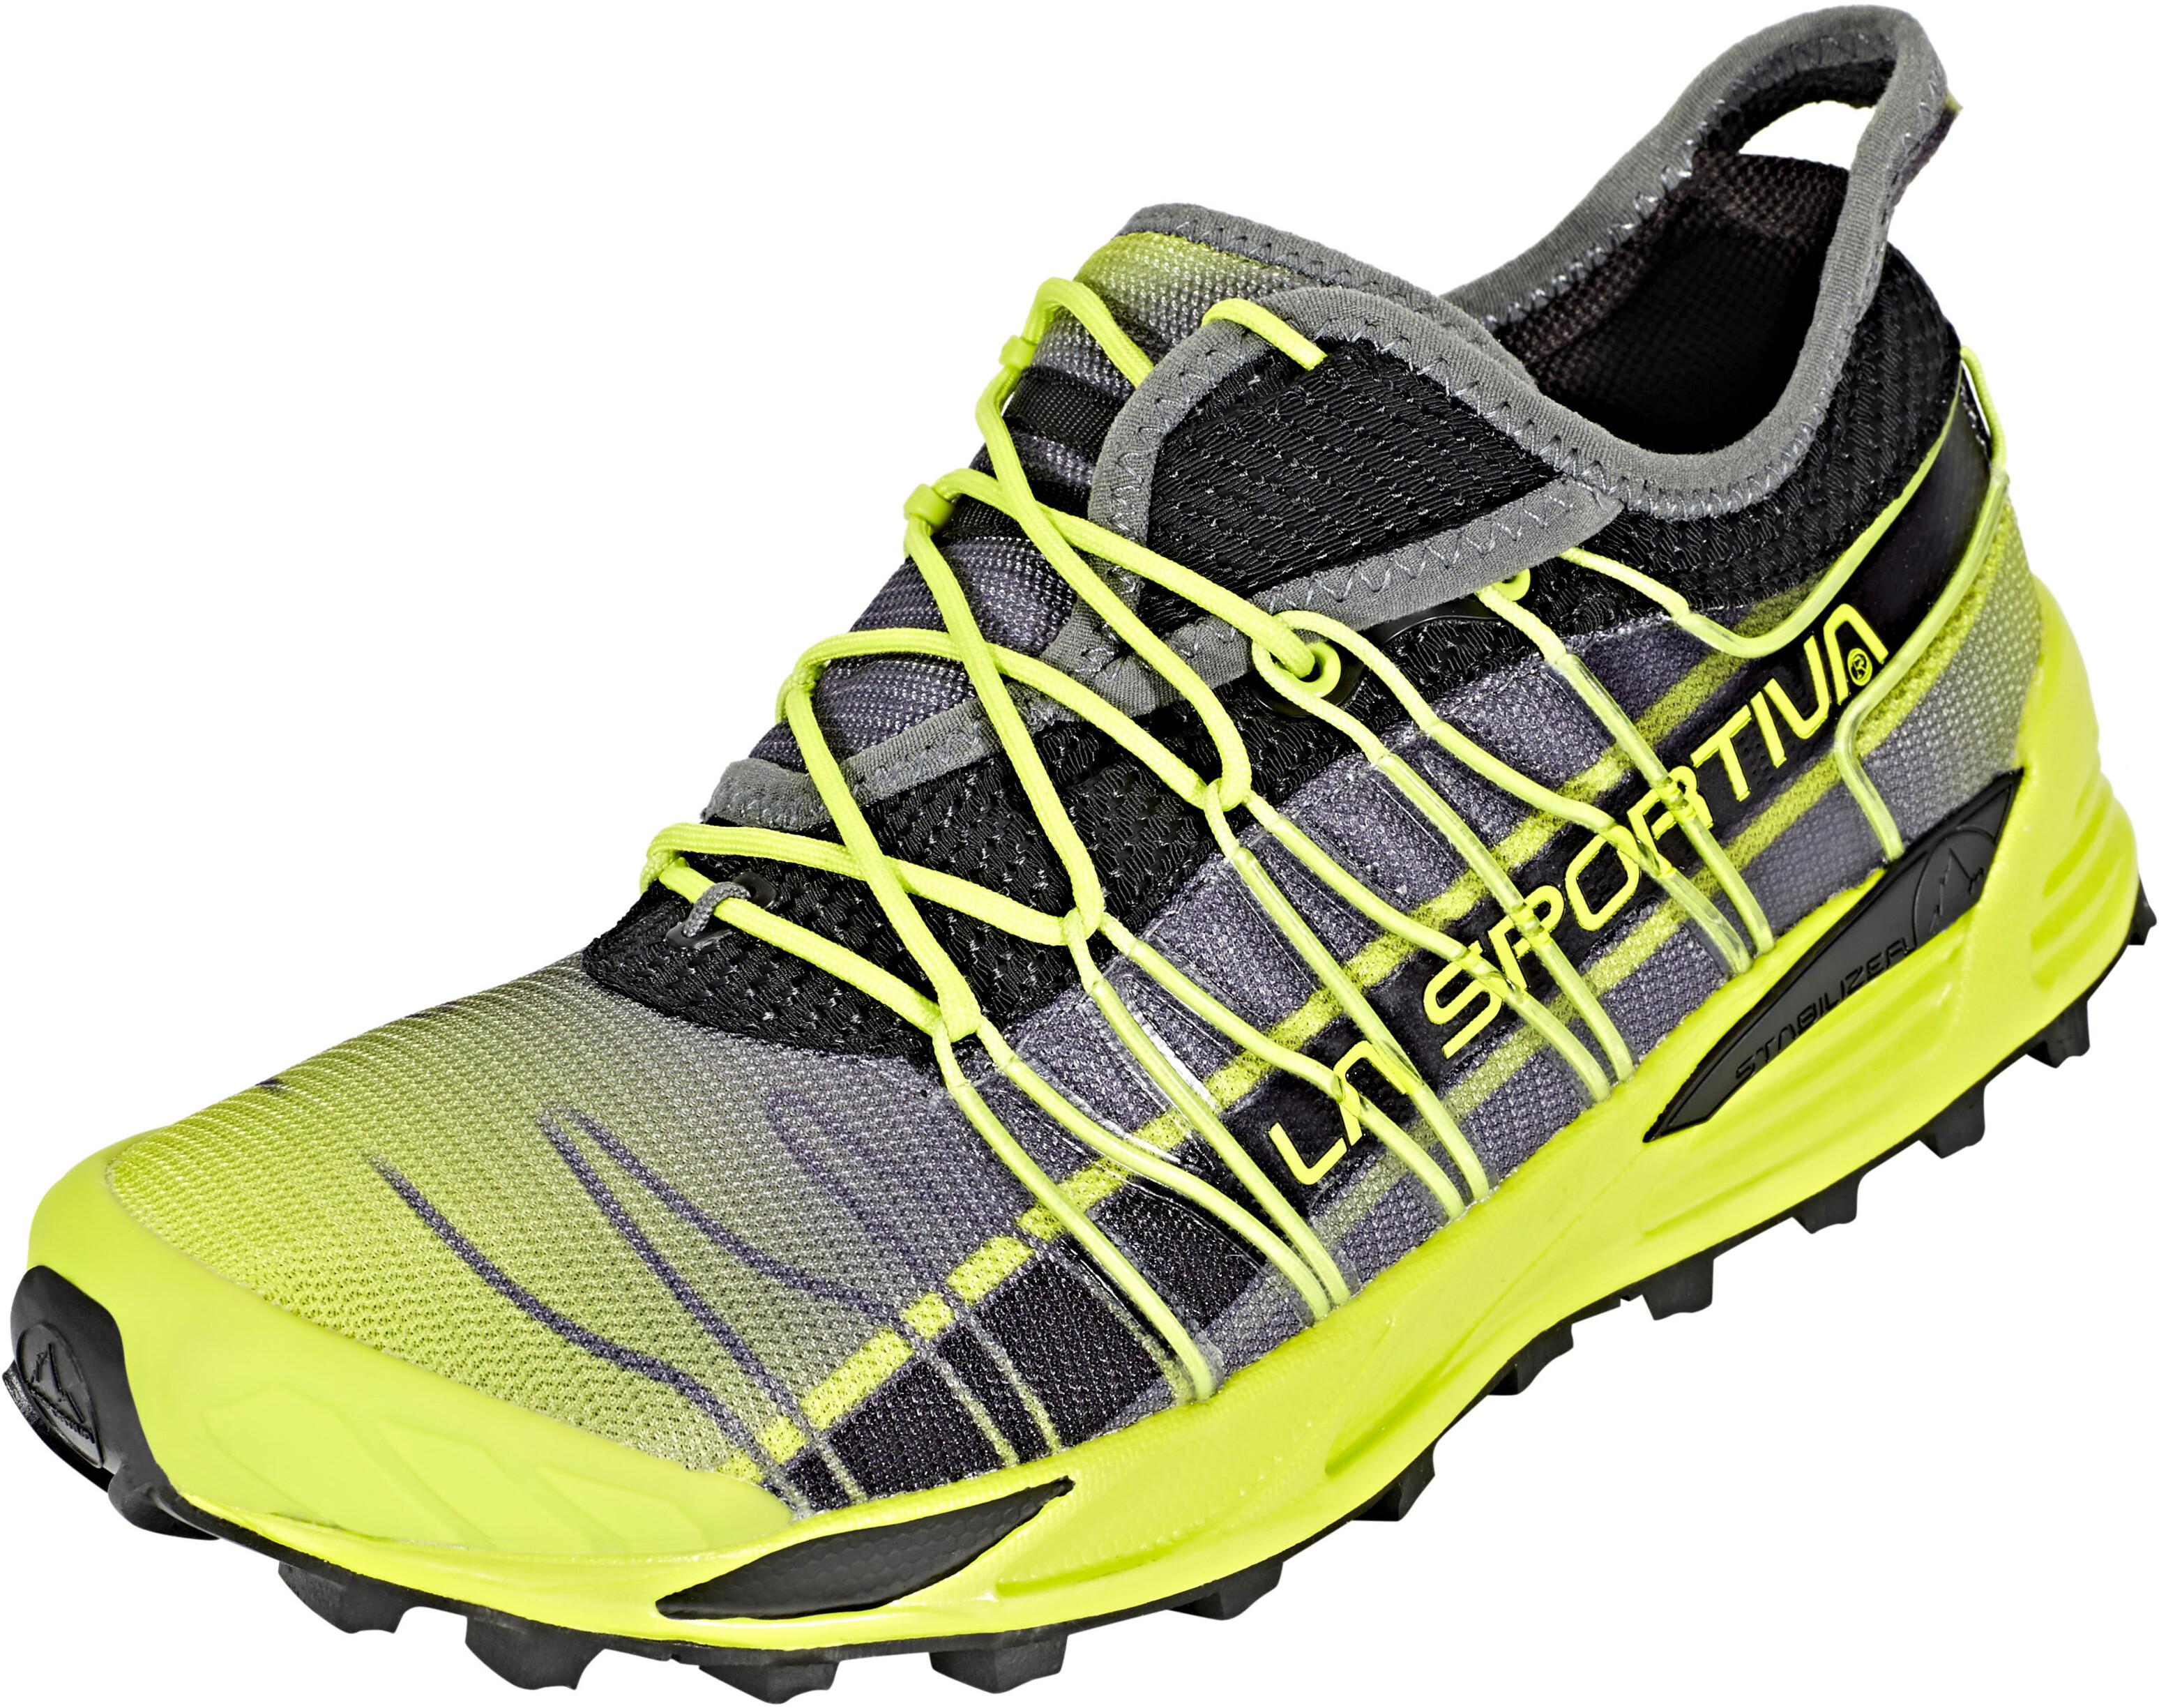 La Sportiva Mutant scarpe da corsa Uomo giallo grigio su Addnature d18d3b09200